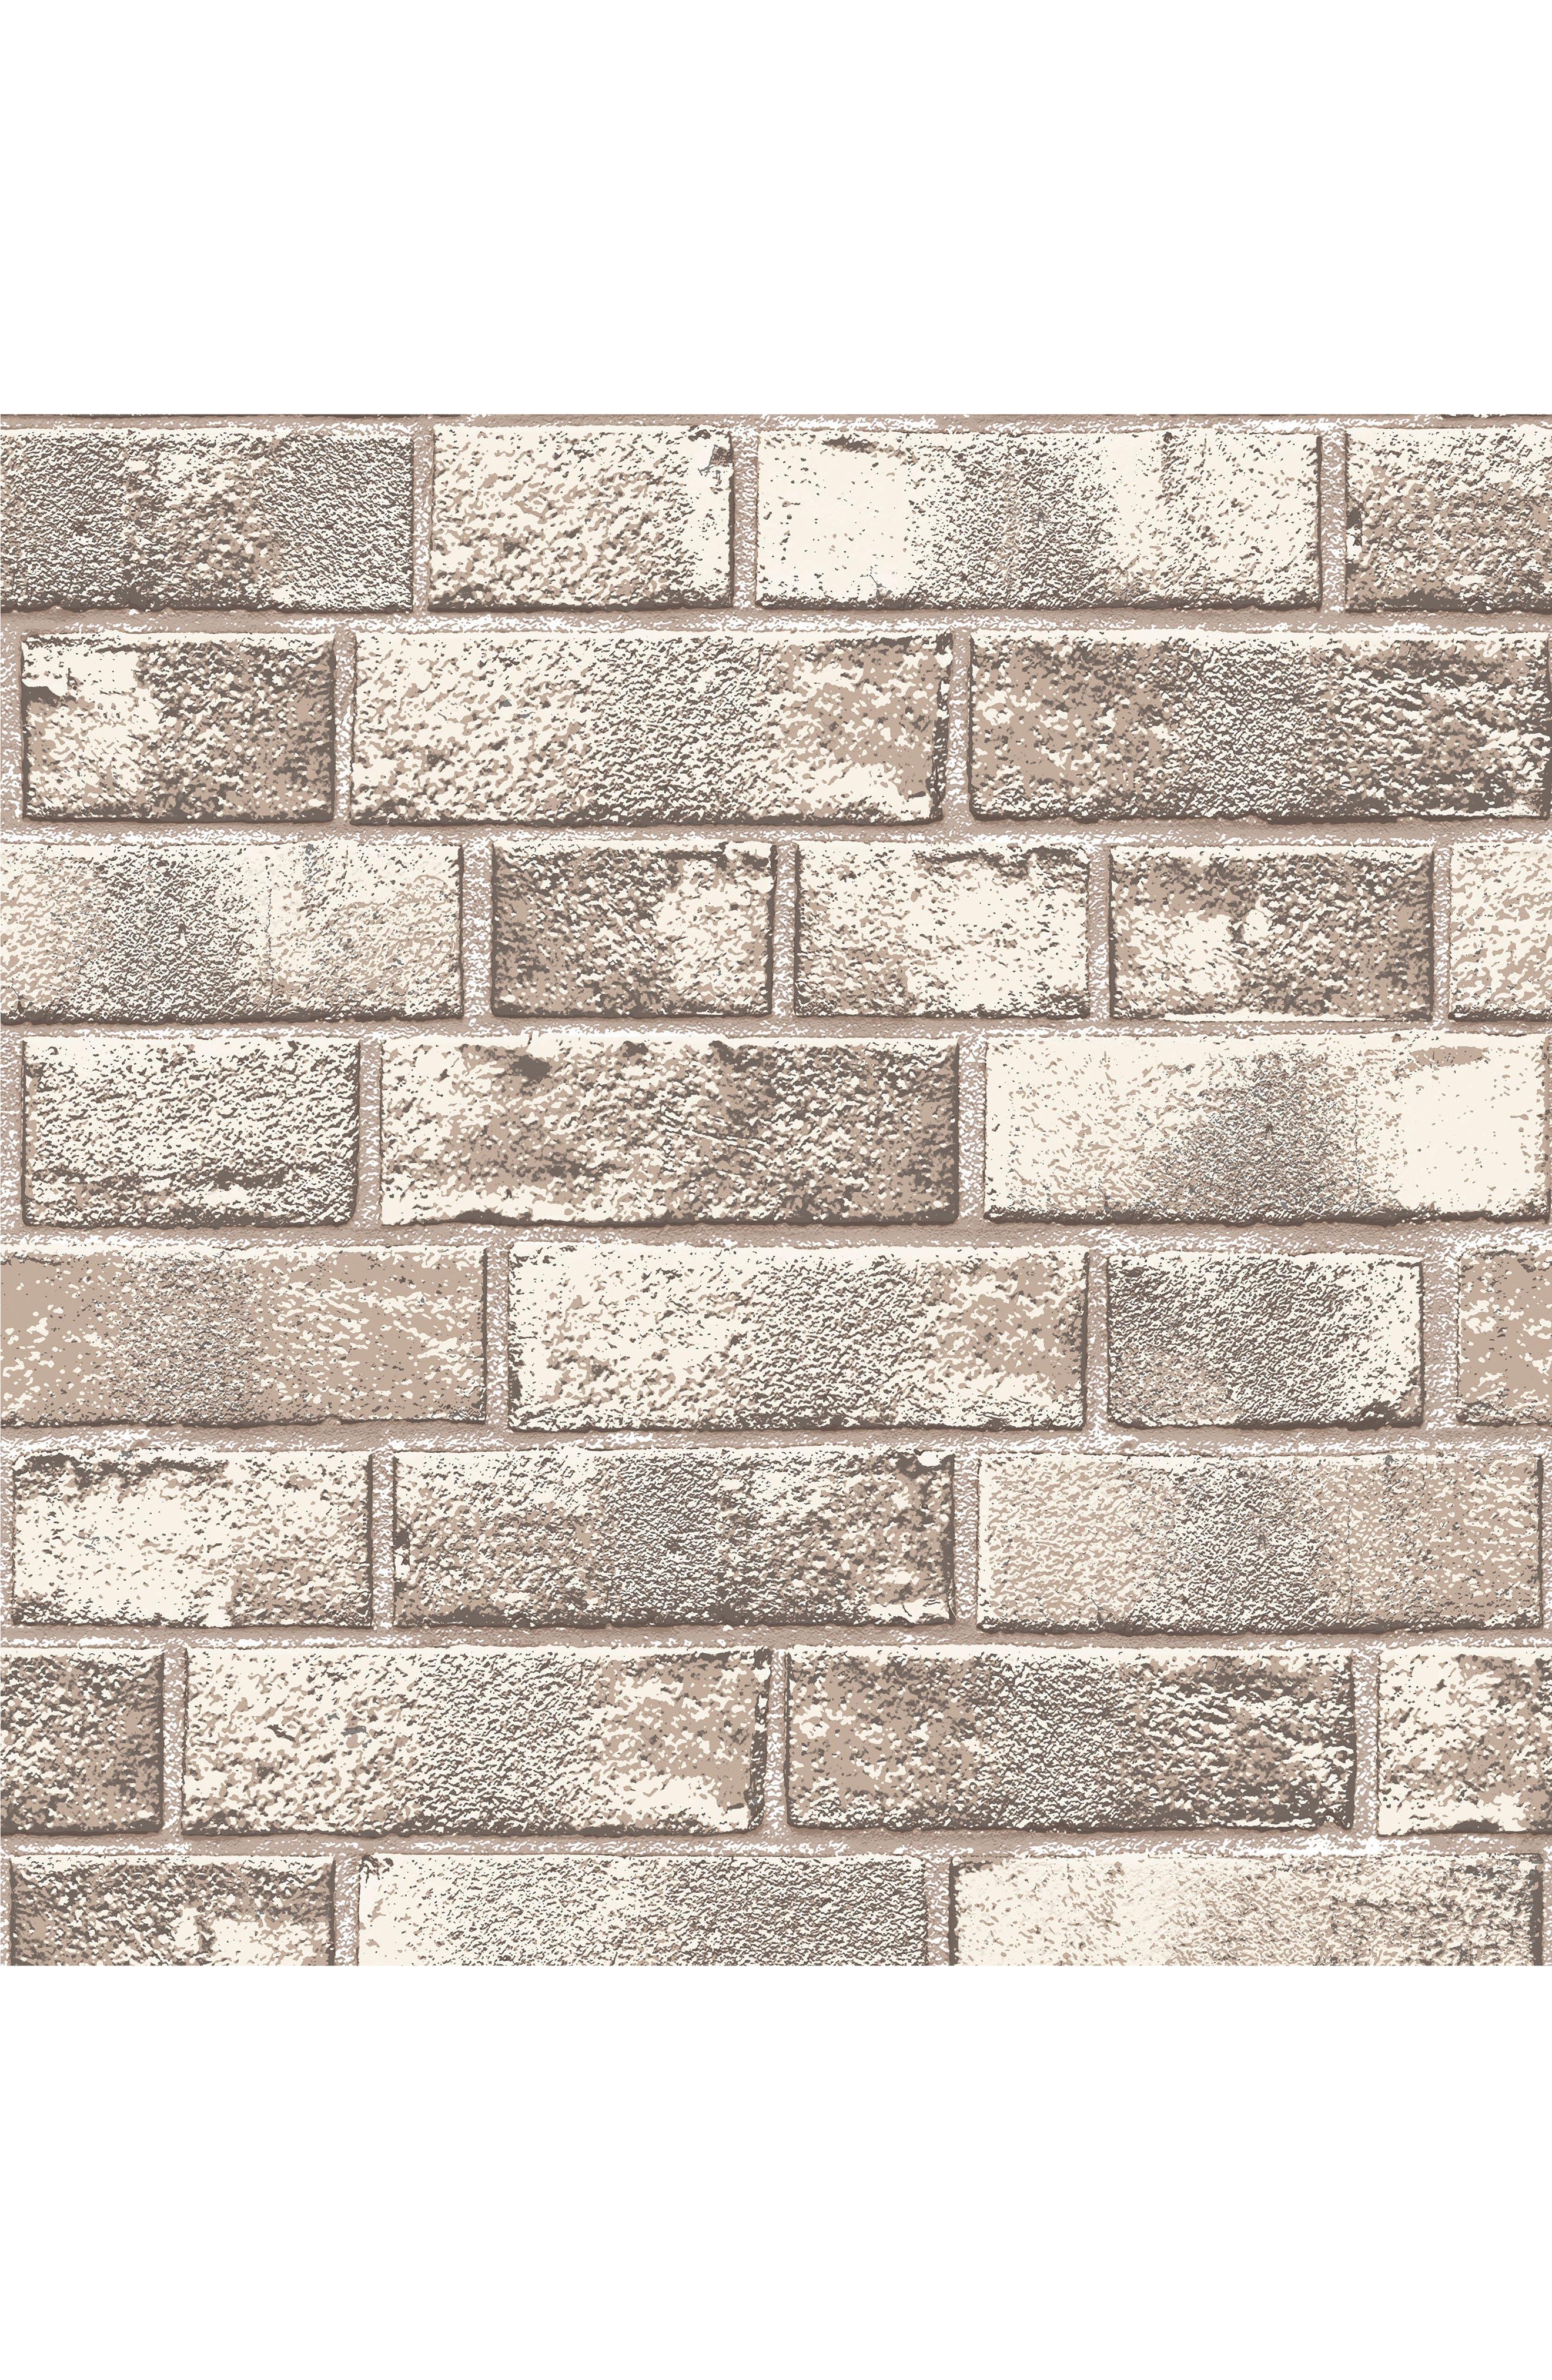 Tempaper Brick Self-Adhesive Vinyl Wallpaper